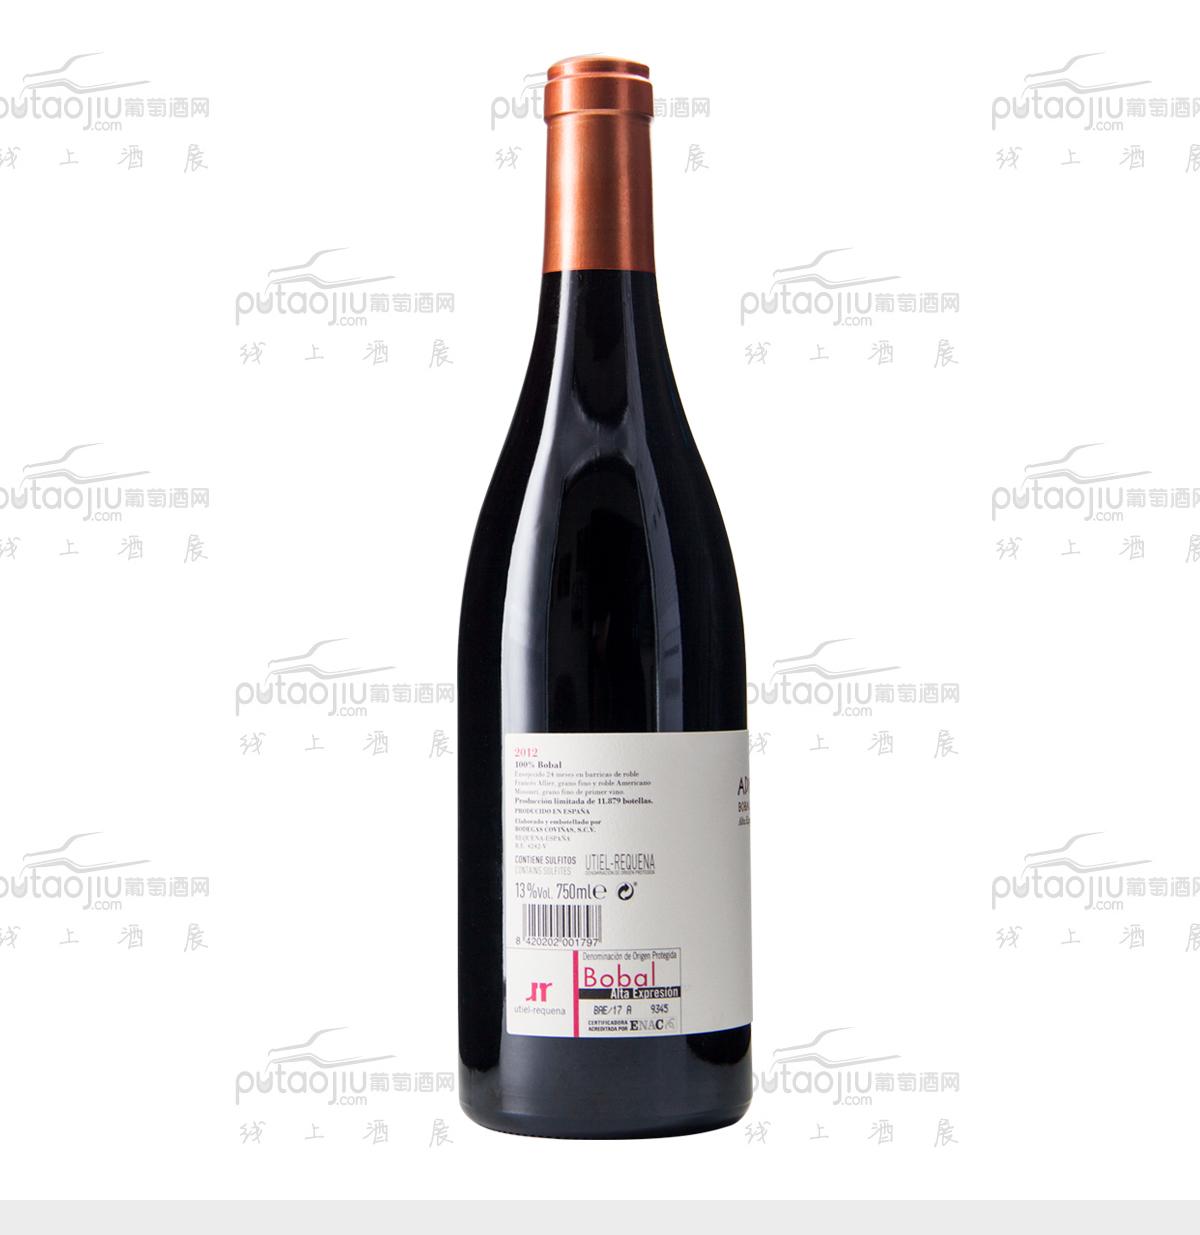 匠心之城家族传承红葡萄酒